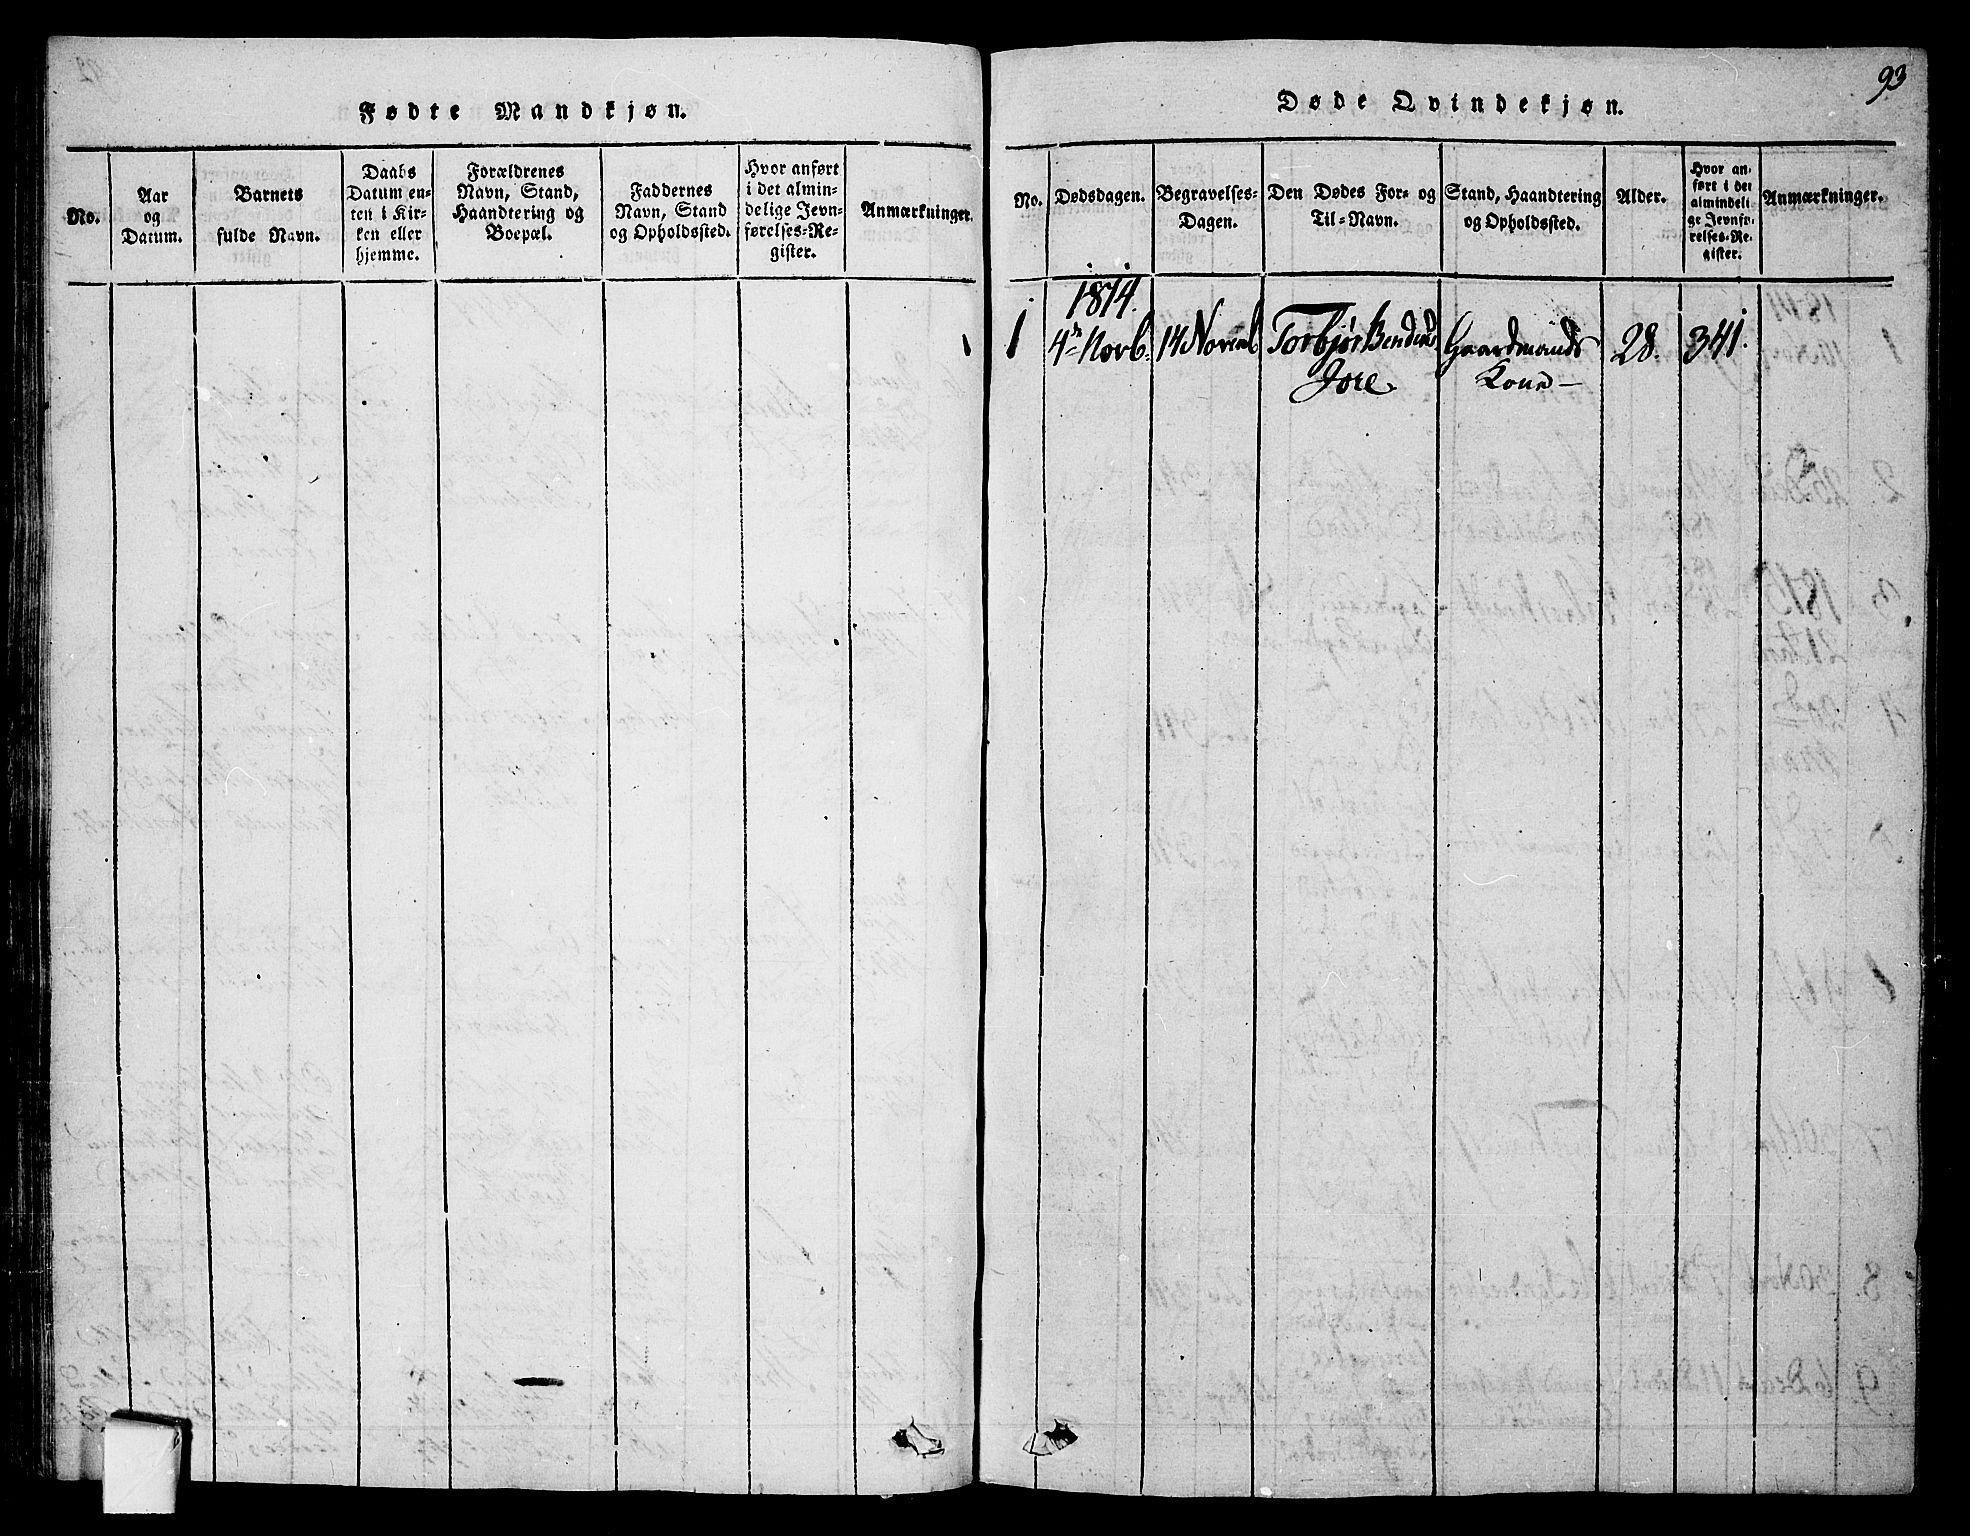 SAKO, Mo kirkebøker, F/Fa/L0004: Ministerialbok nr. I 4, 1814-1844, s. 93